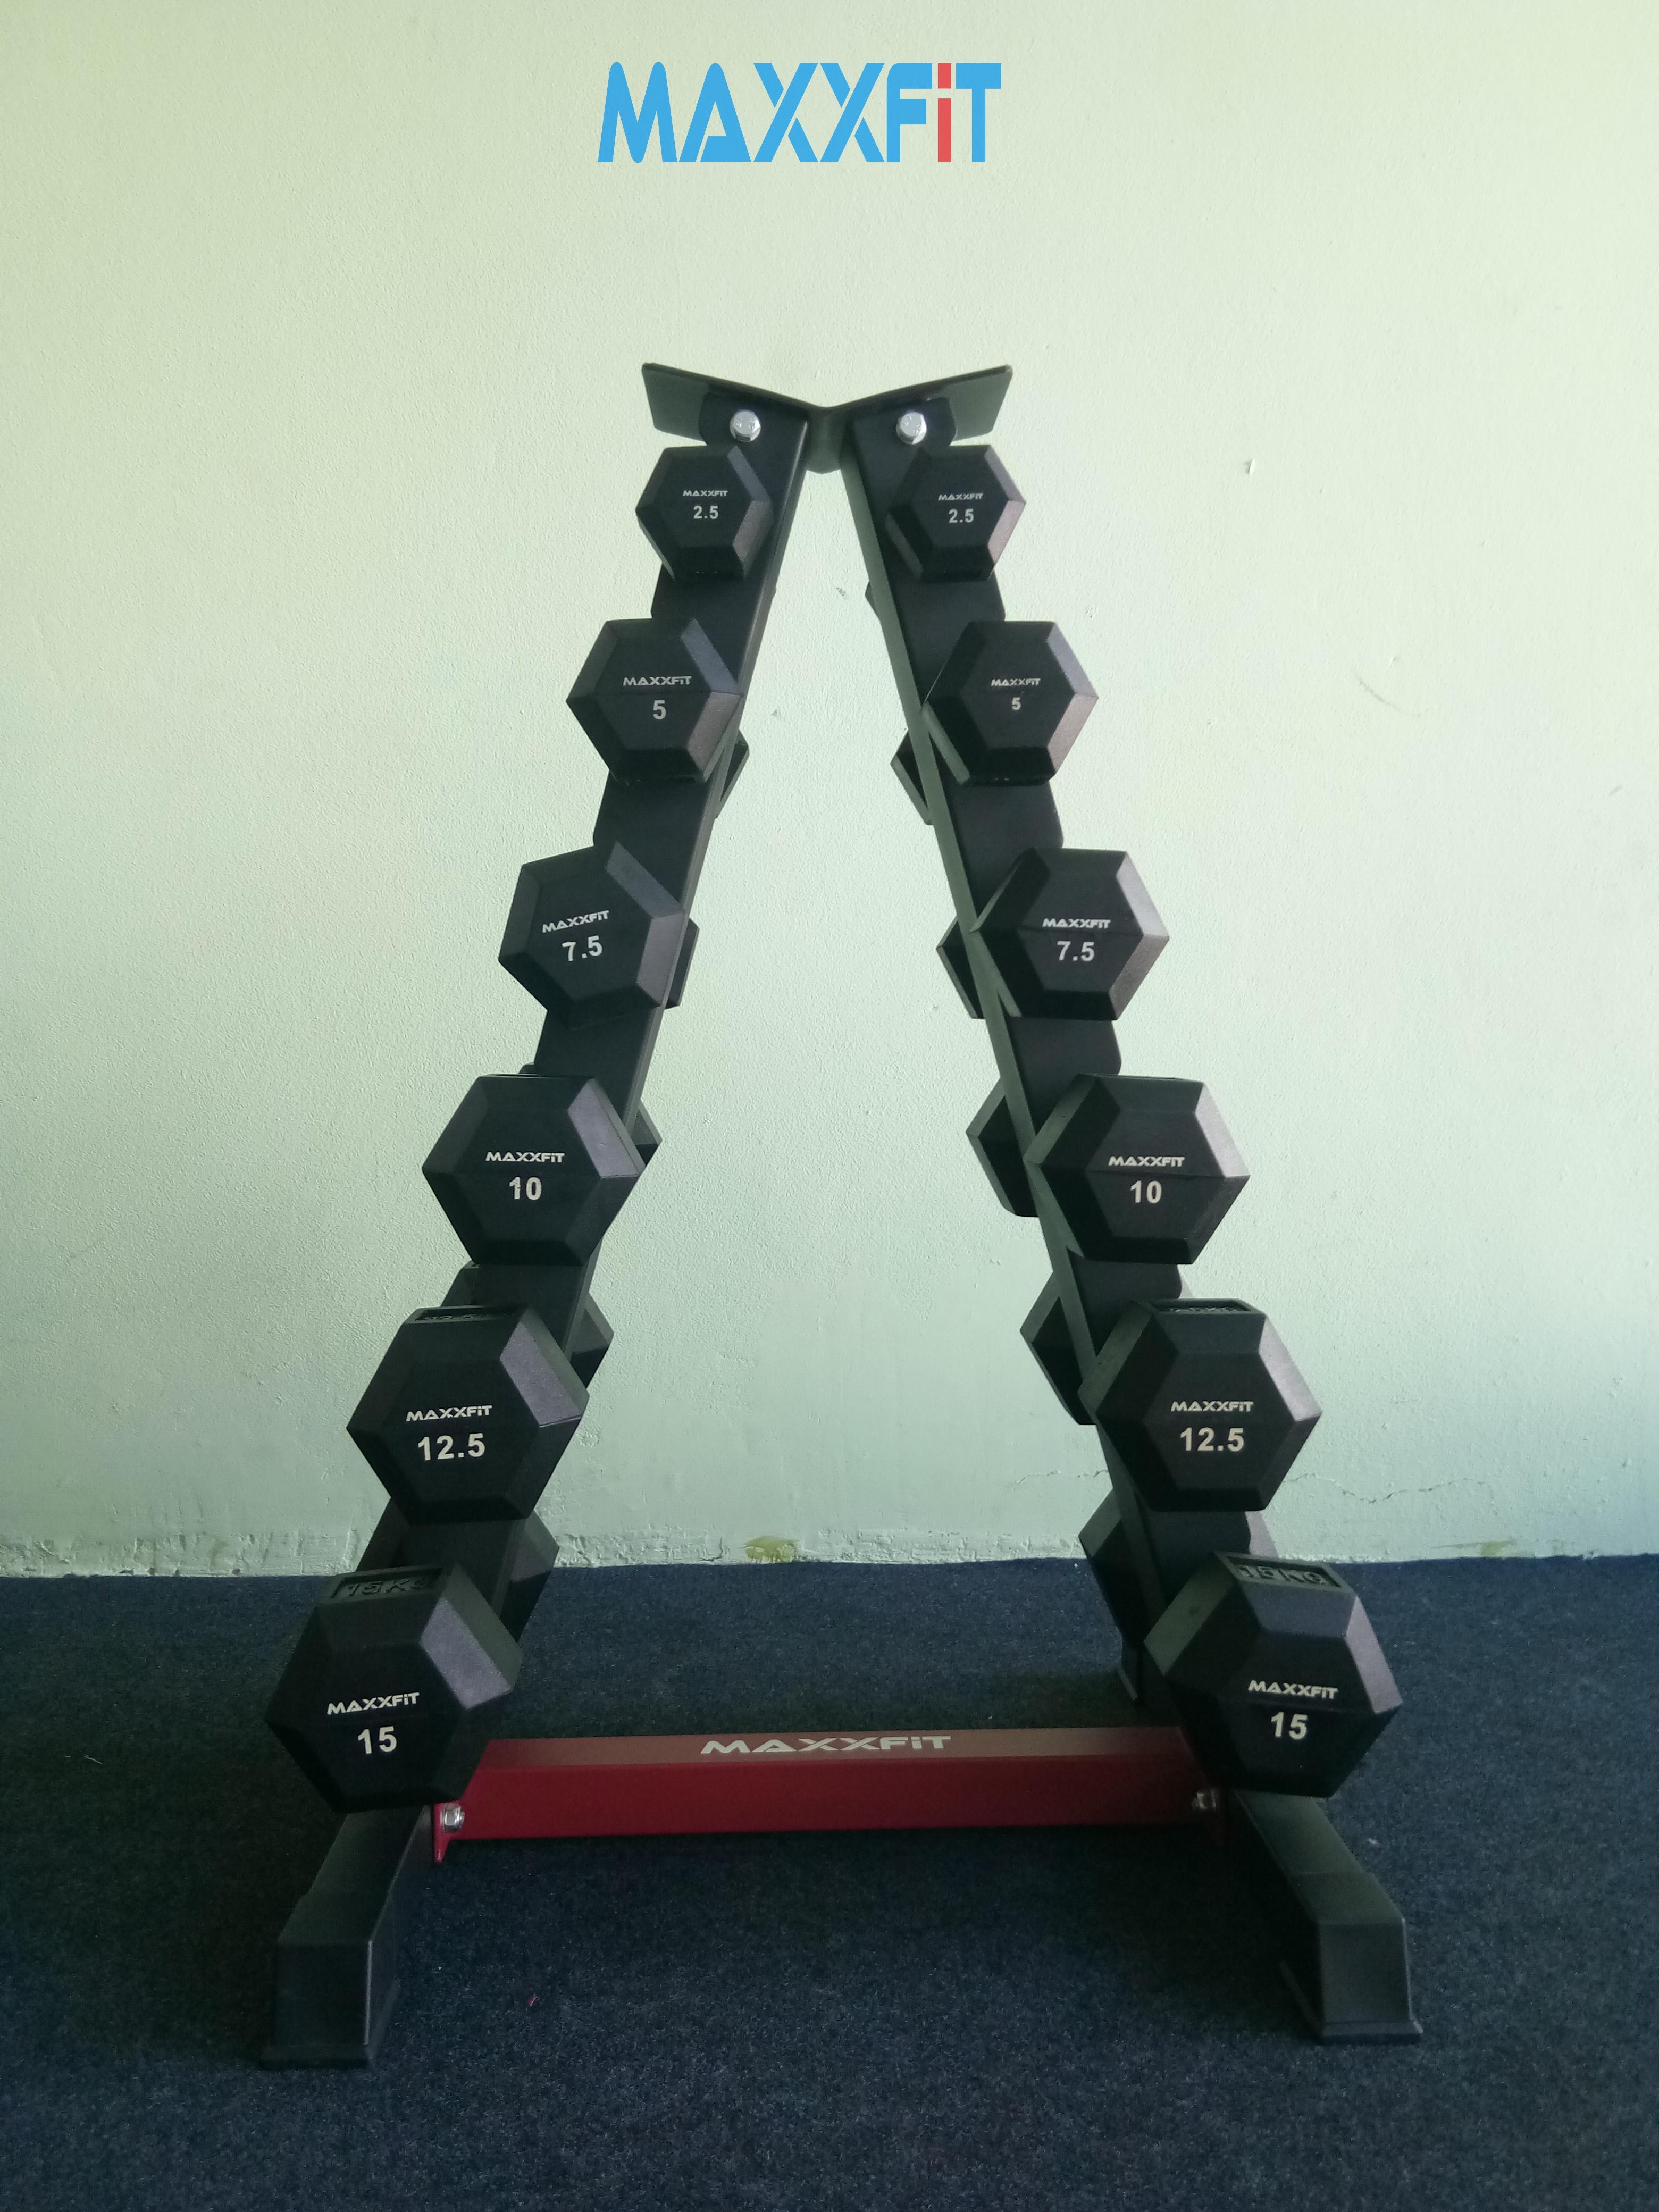 ชุดดัมเบล MAXXFiT ทรงเหลี่ยม ขนาด 2.5 - 15 KG. (6 คู่) พร้อมชั้นวางทรงสามเหลี่ยมสีดำ-แดง วางได้ 6 คู่